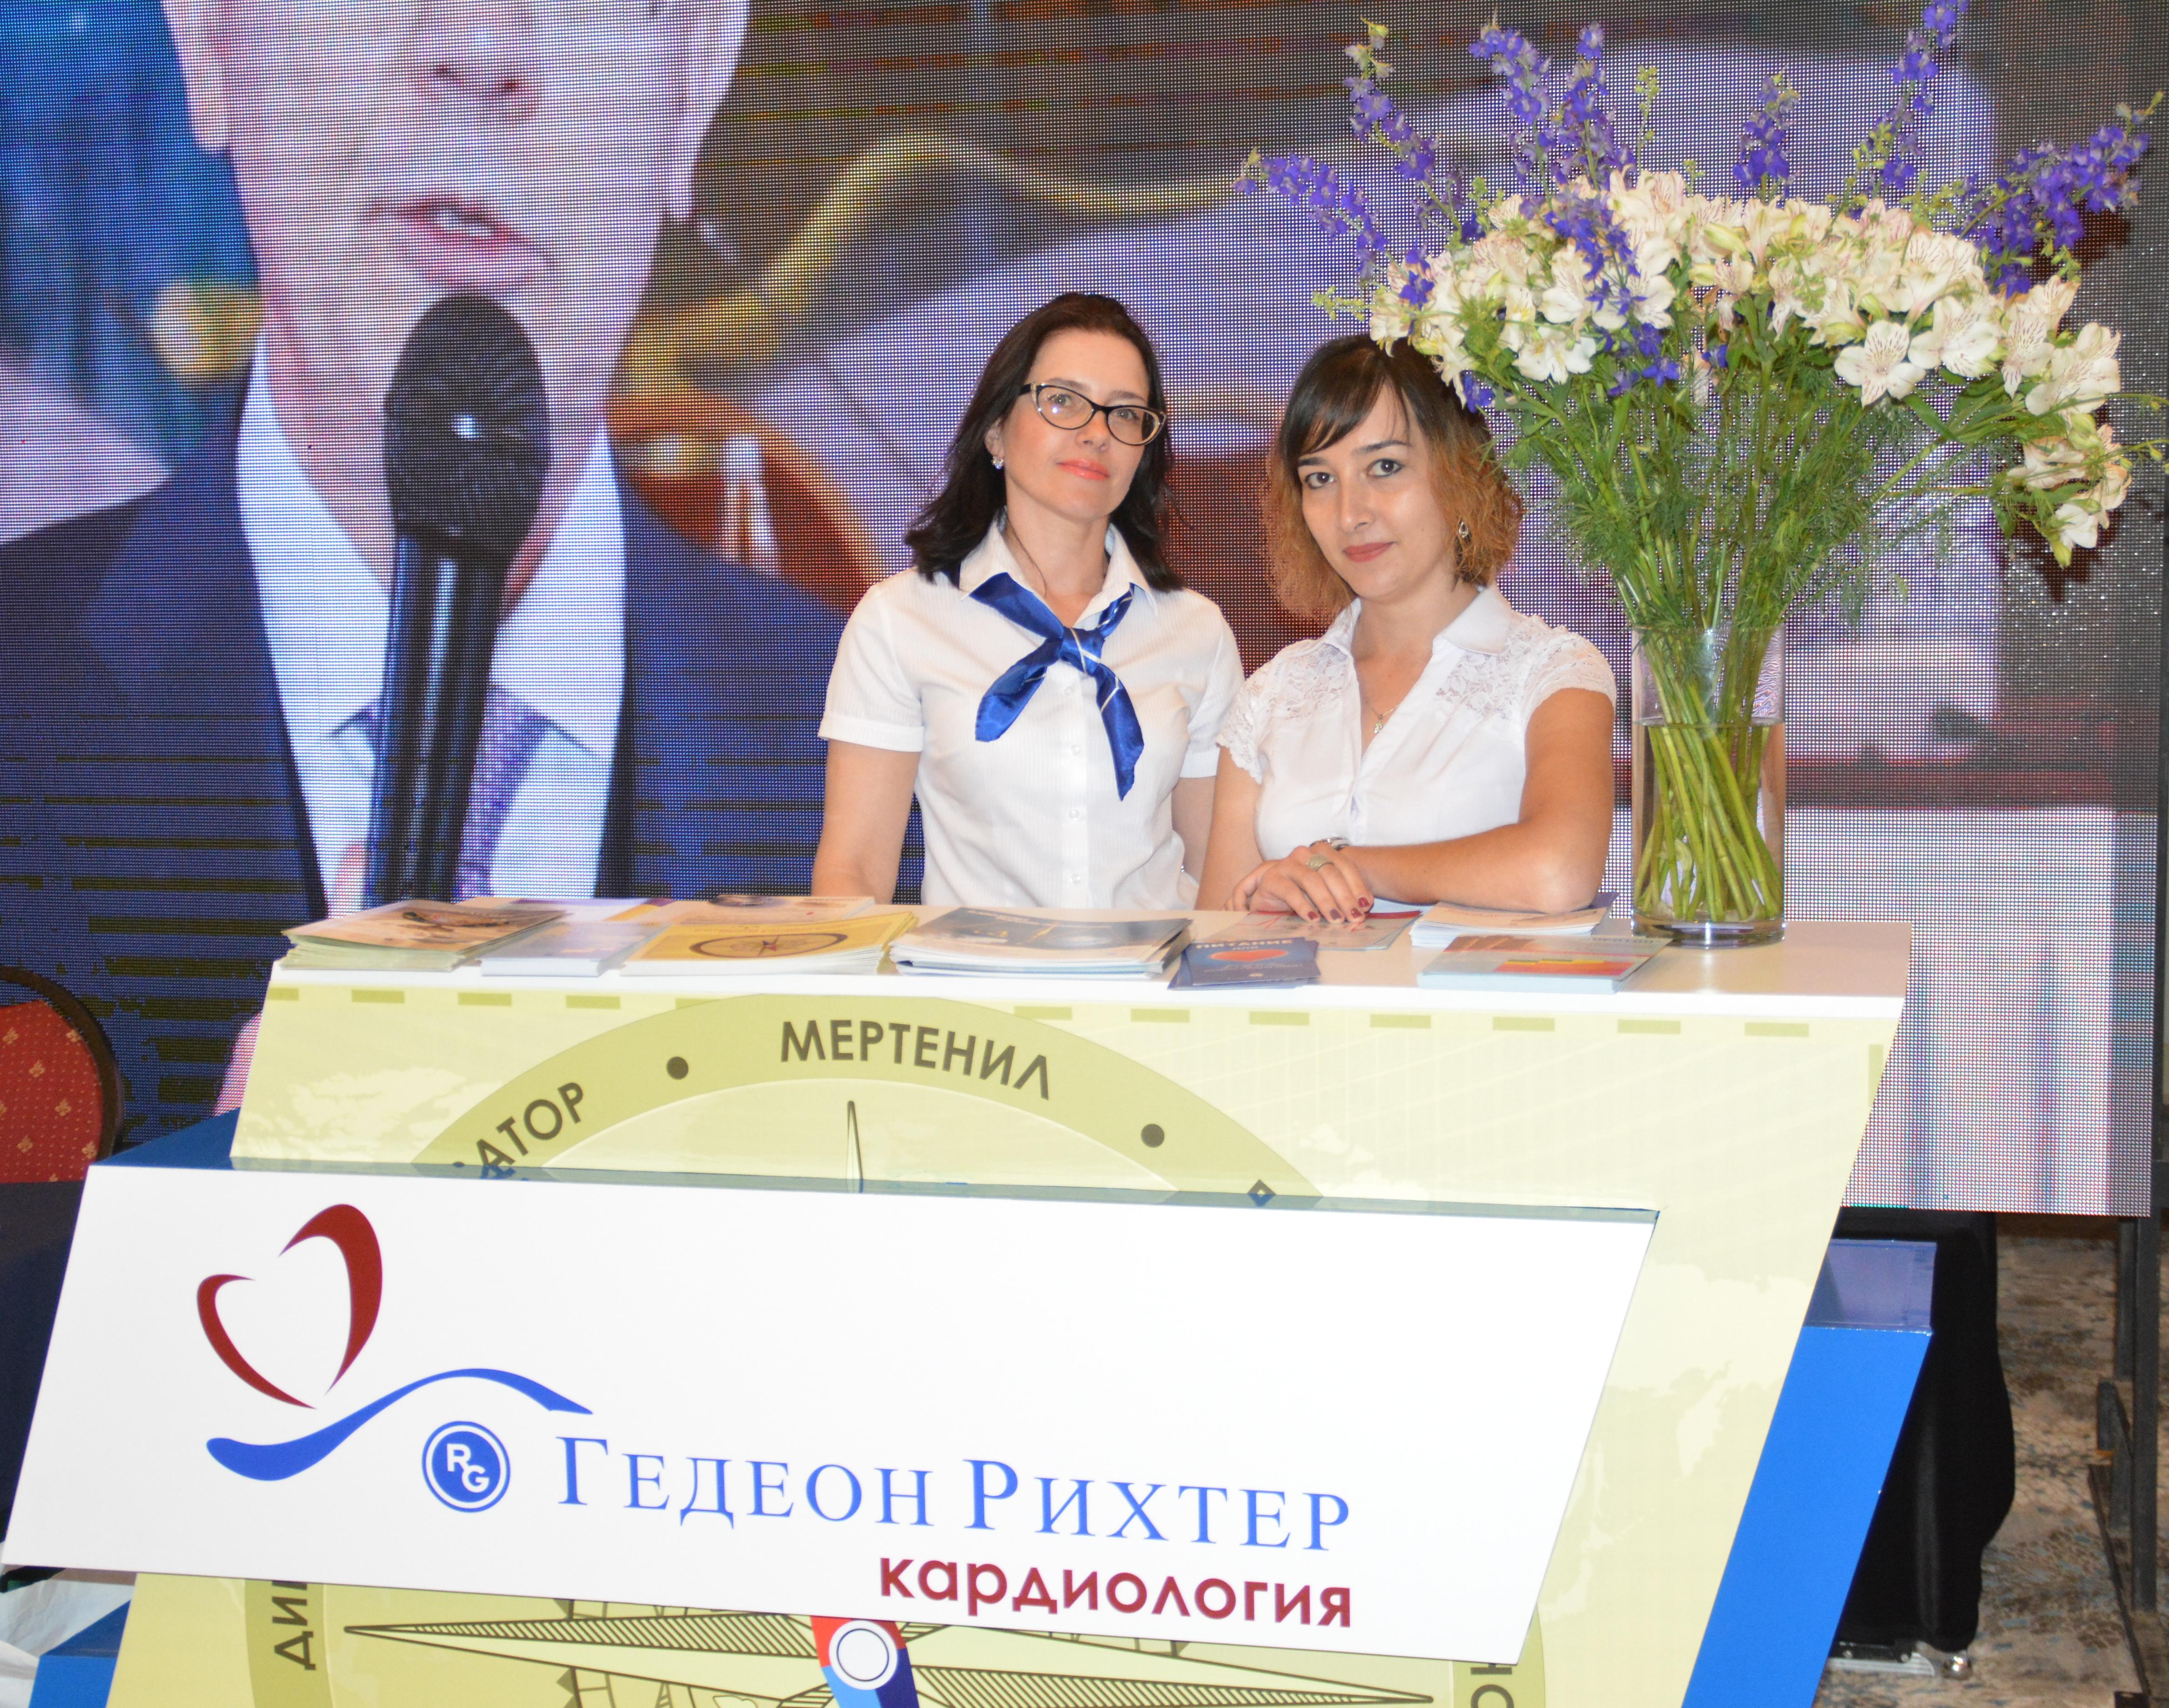 http://medicalexpress.ru/uploads/reportss/kardio%20askar/DSC_0392.JPG